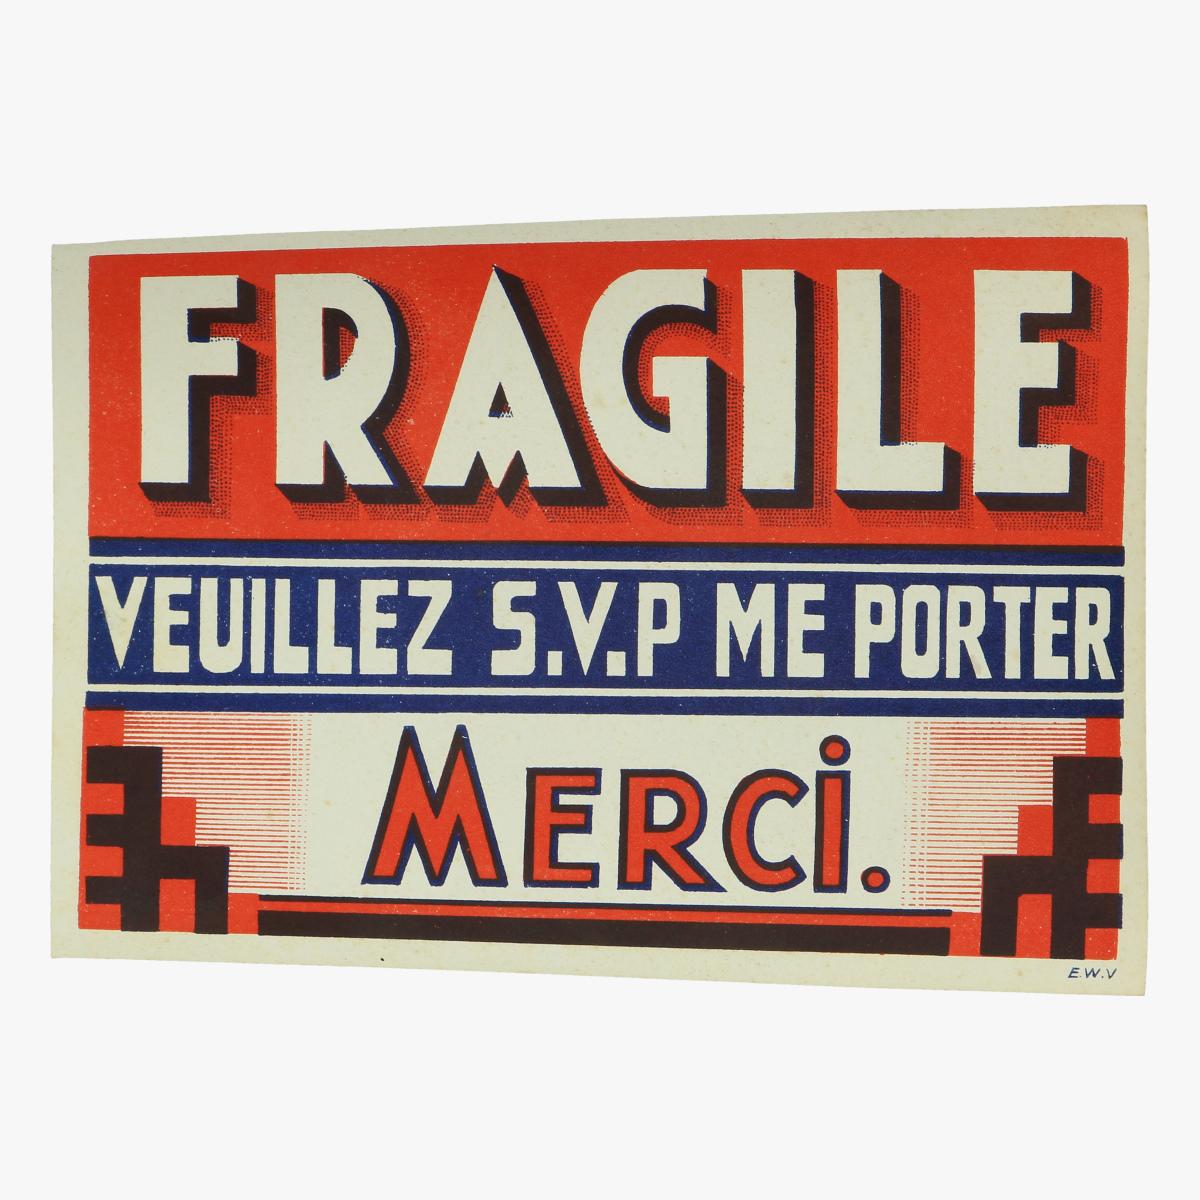 Afbeeldingen van gegomde etiketten fragile veuillez s.v.p me porter merci.